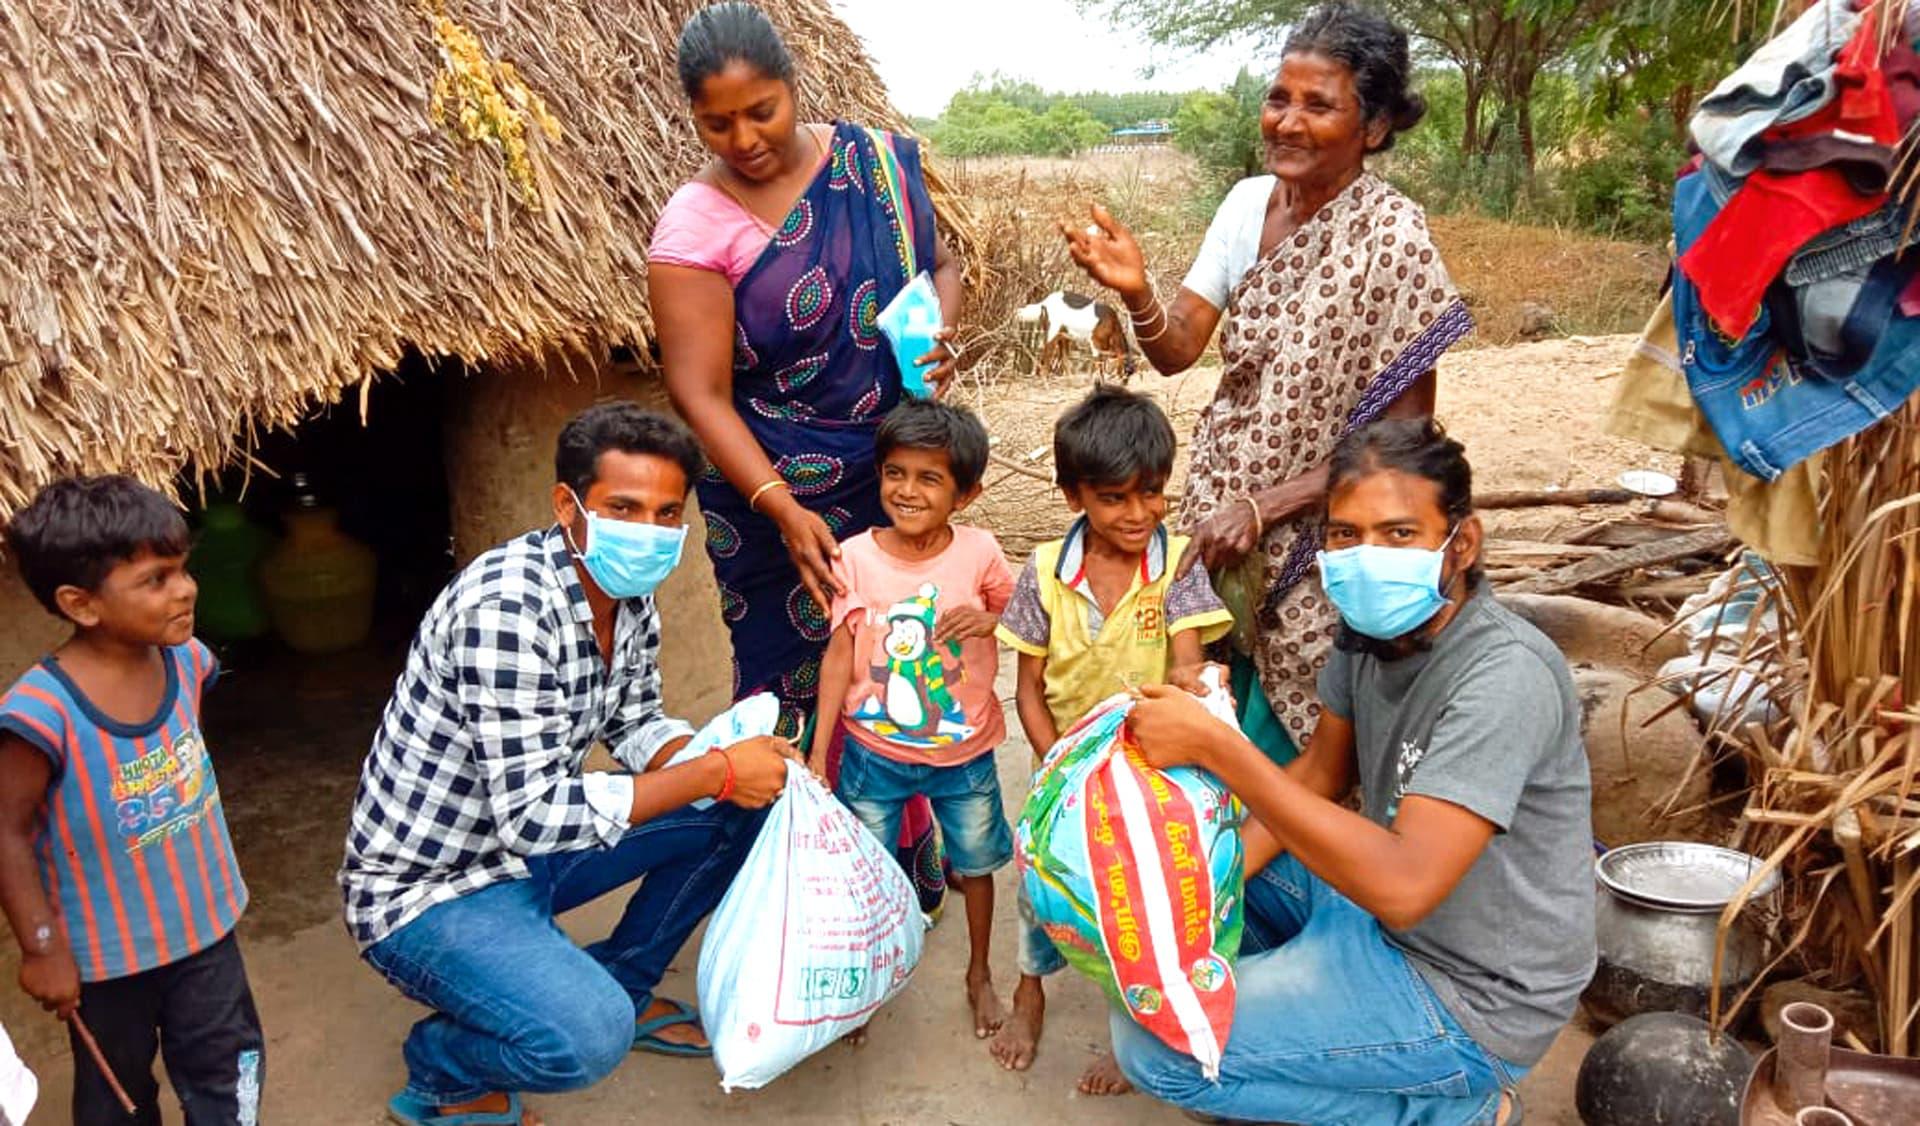 In Indien werden Familien mit Spenden versorgt